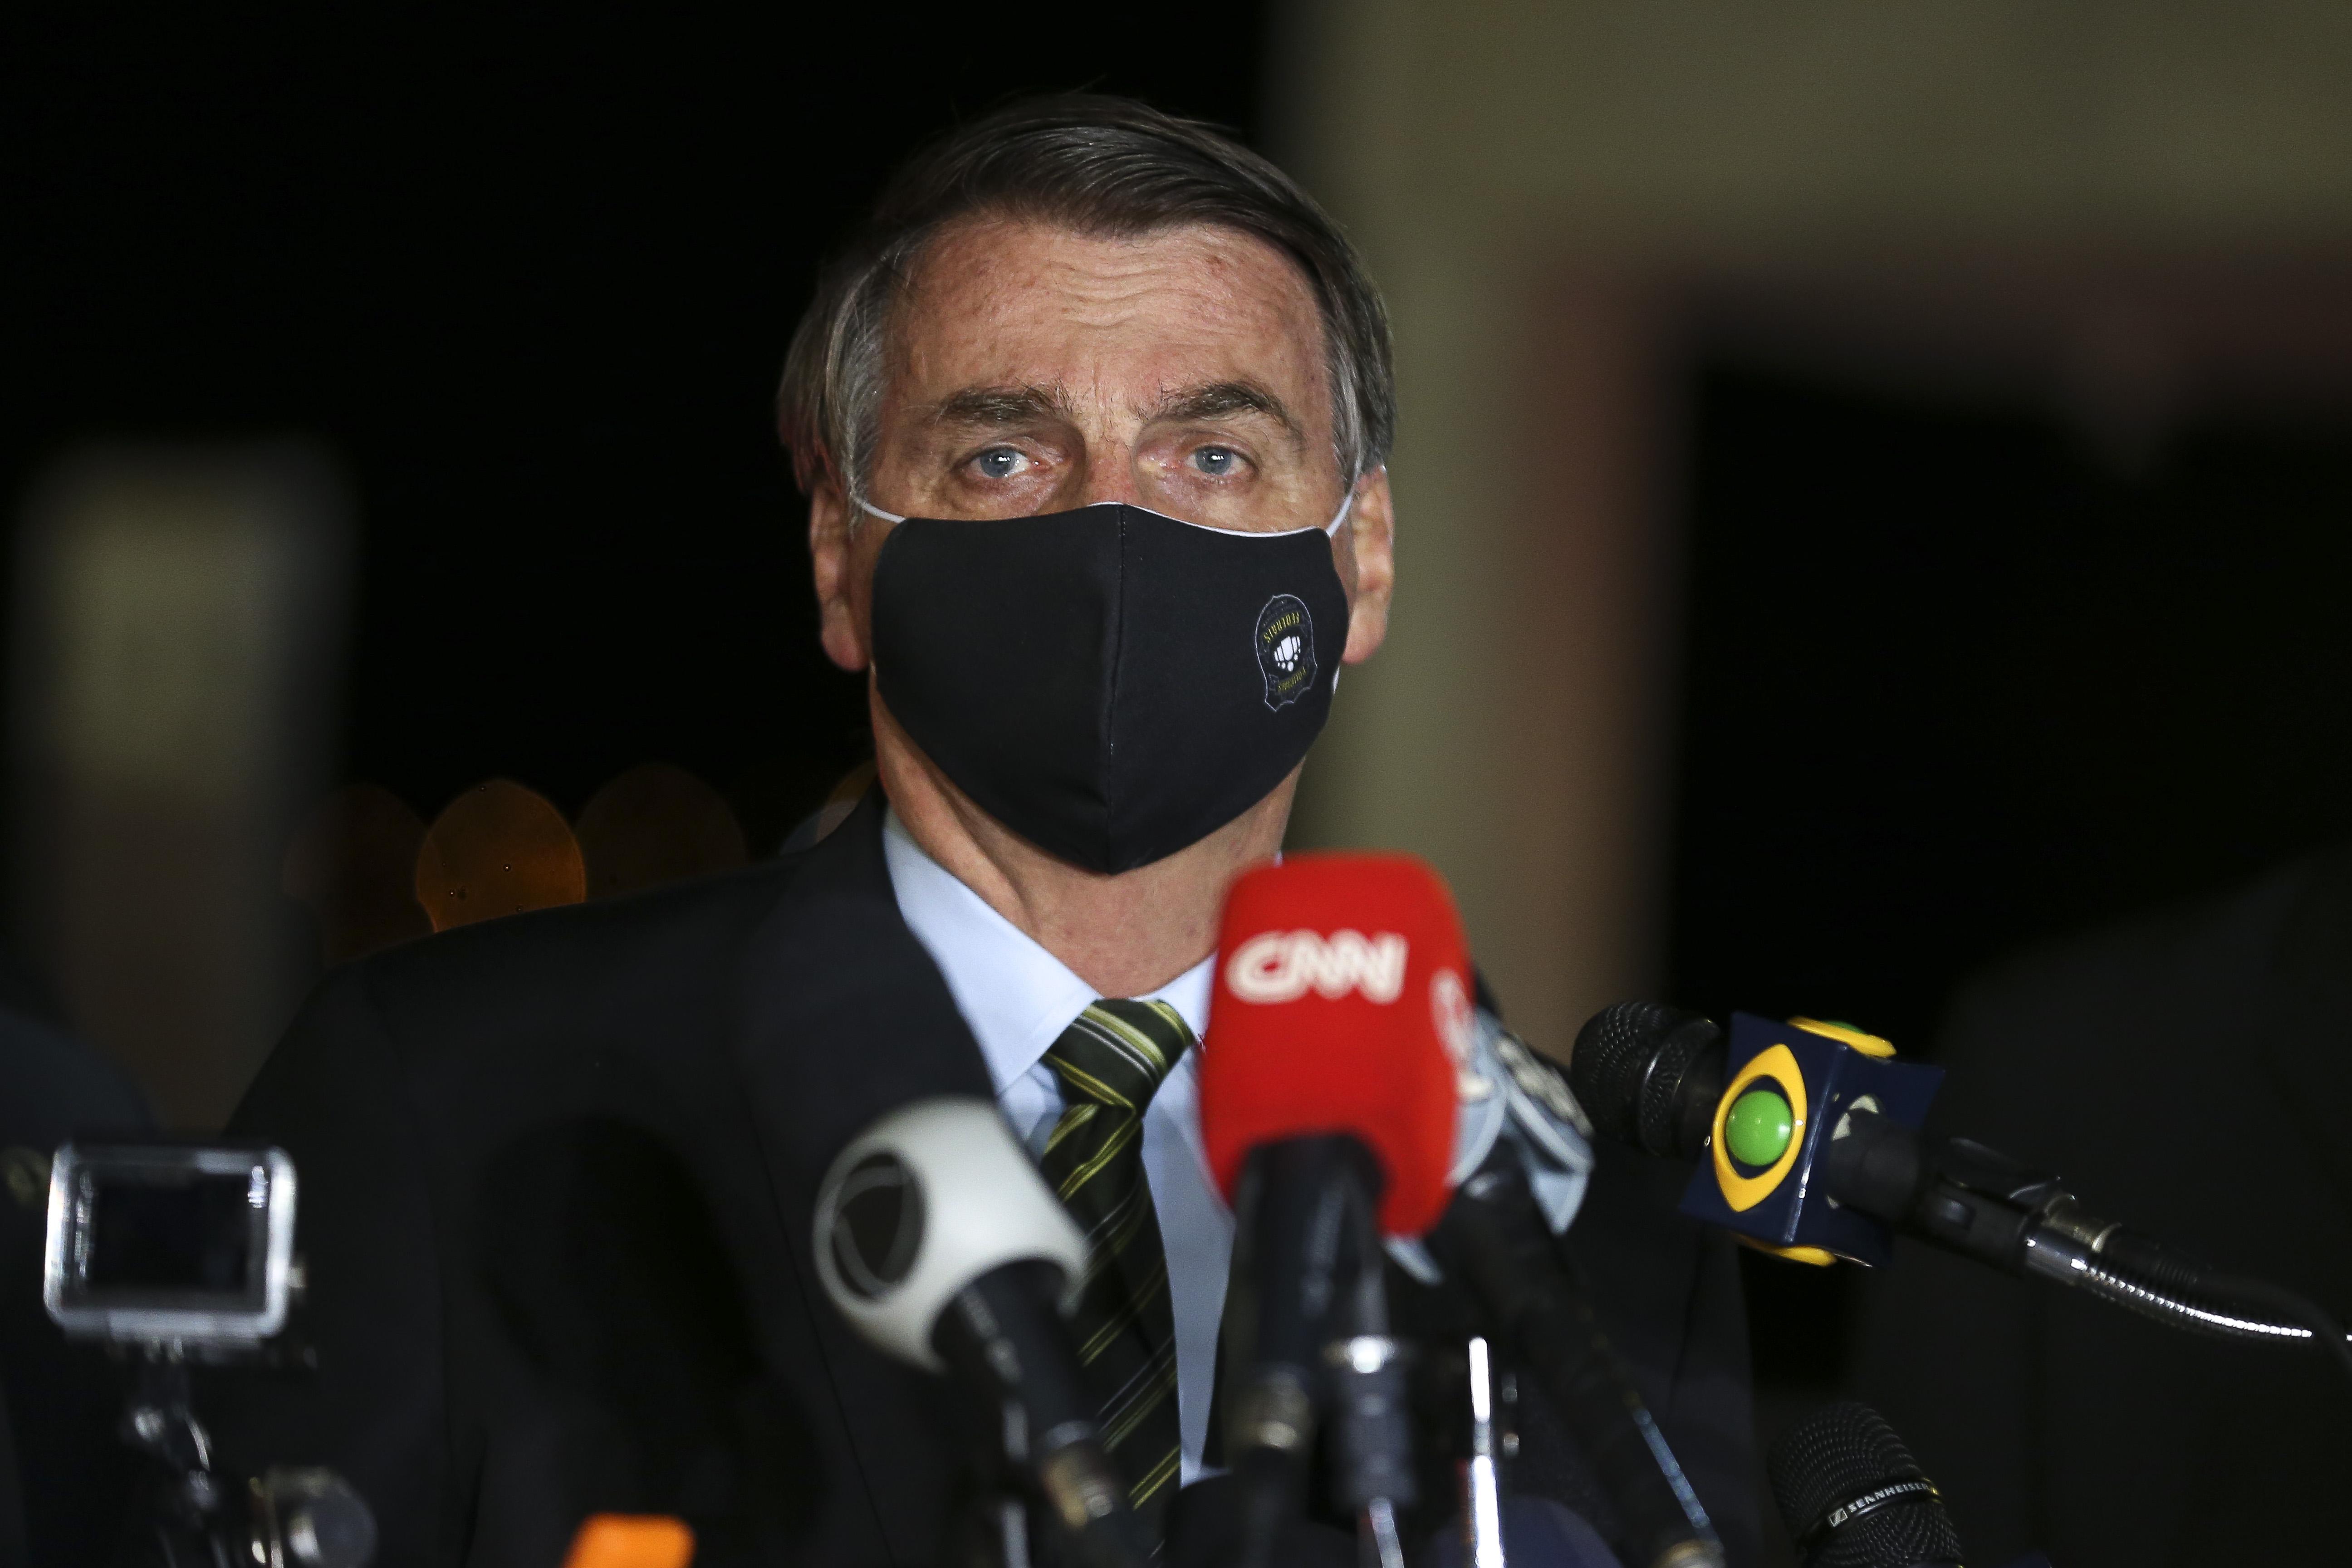 O presidente Jair Bolsonaro conversa com repórteres no Palácio da Alvorada